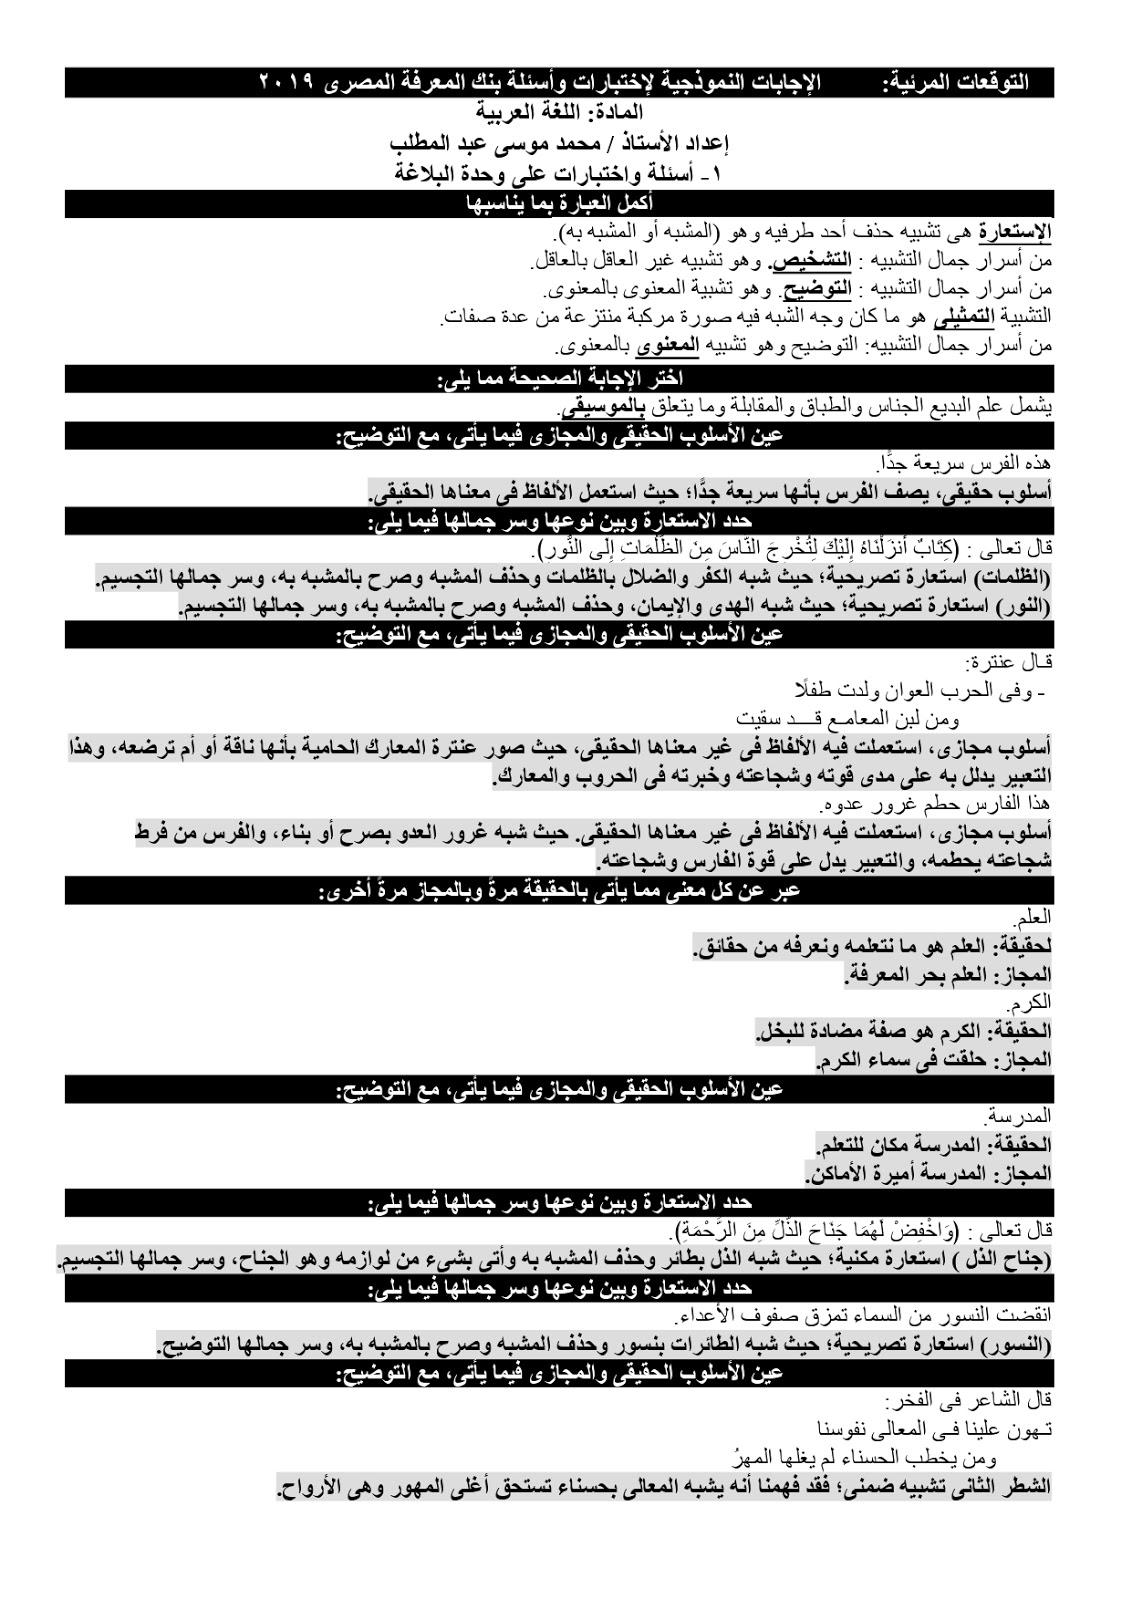 تسريب امتحان اللغة العربية للصف الاول الثانوى 2019